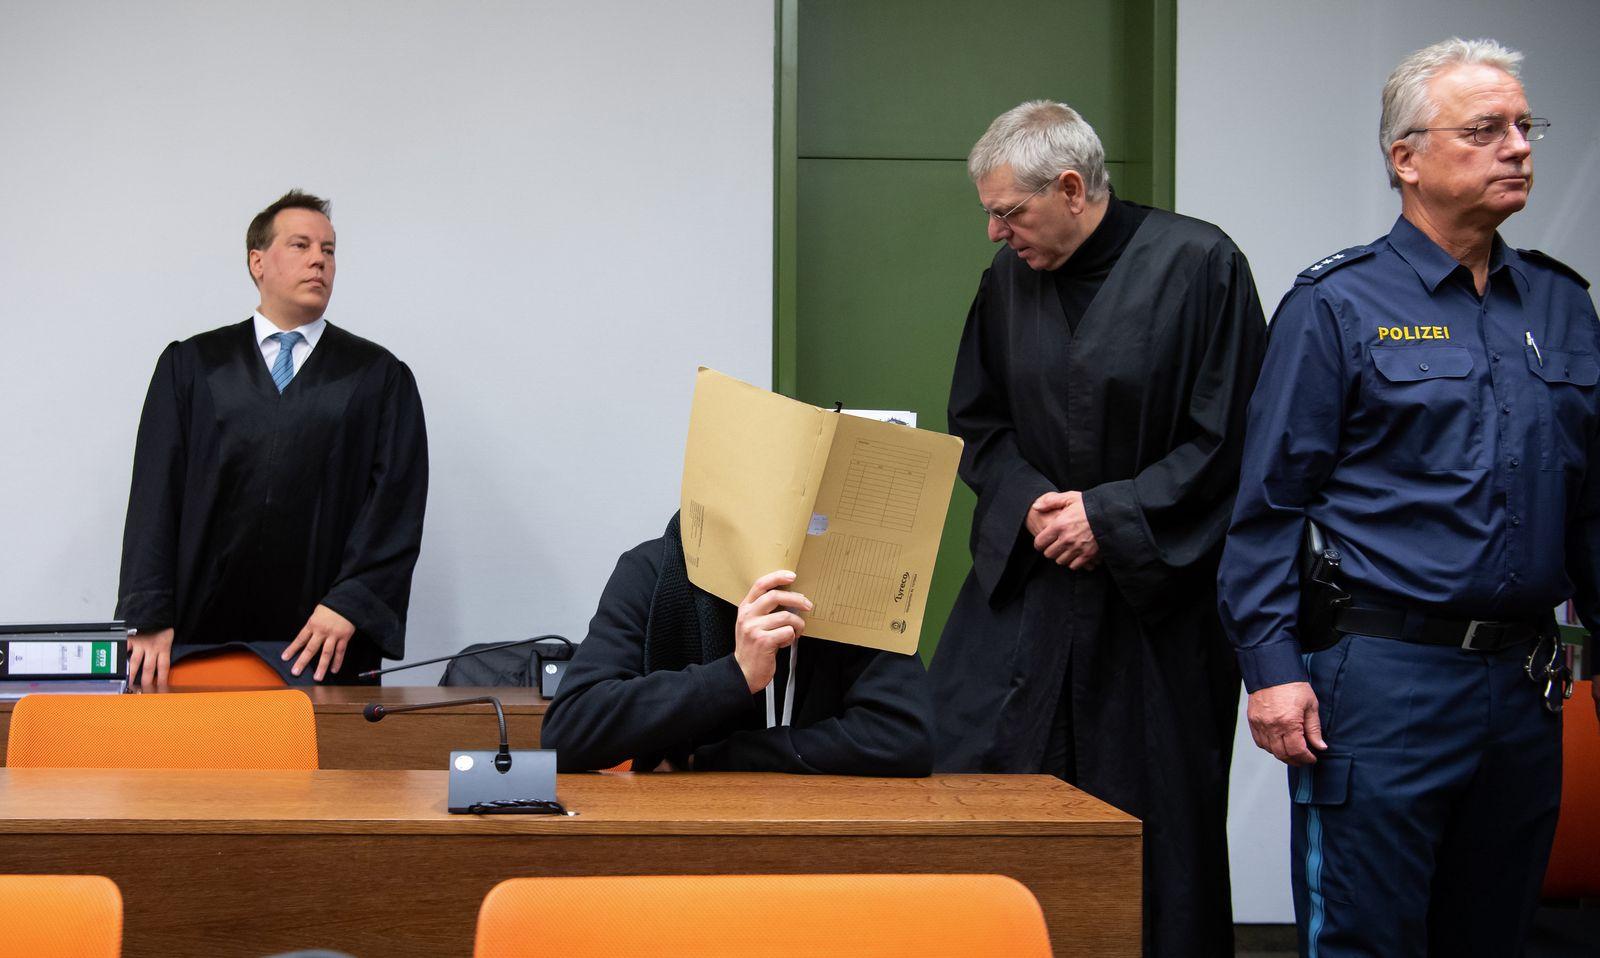 Lebensgefährliche Stromschläge - Falscher Arzt vor Gericht